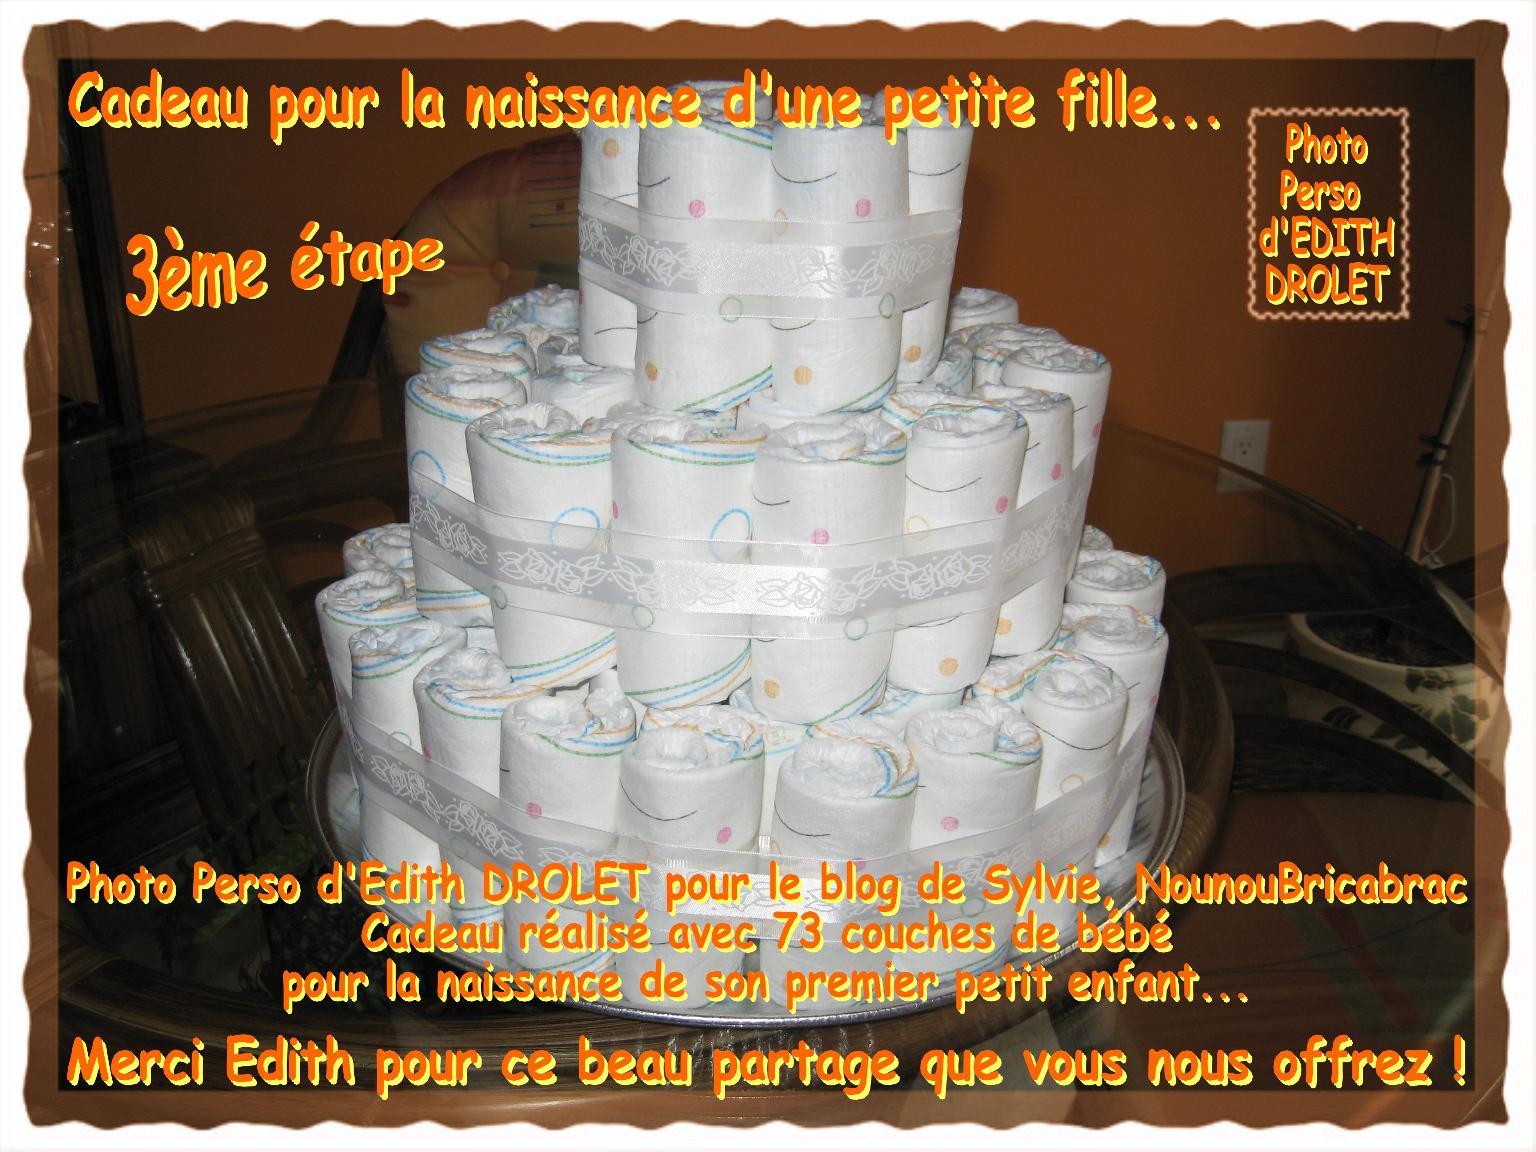 Gâteau - Cadeau pour la naissance d'une petite fille... 3ème étape, réalisé par Edith du Québec